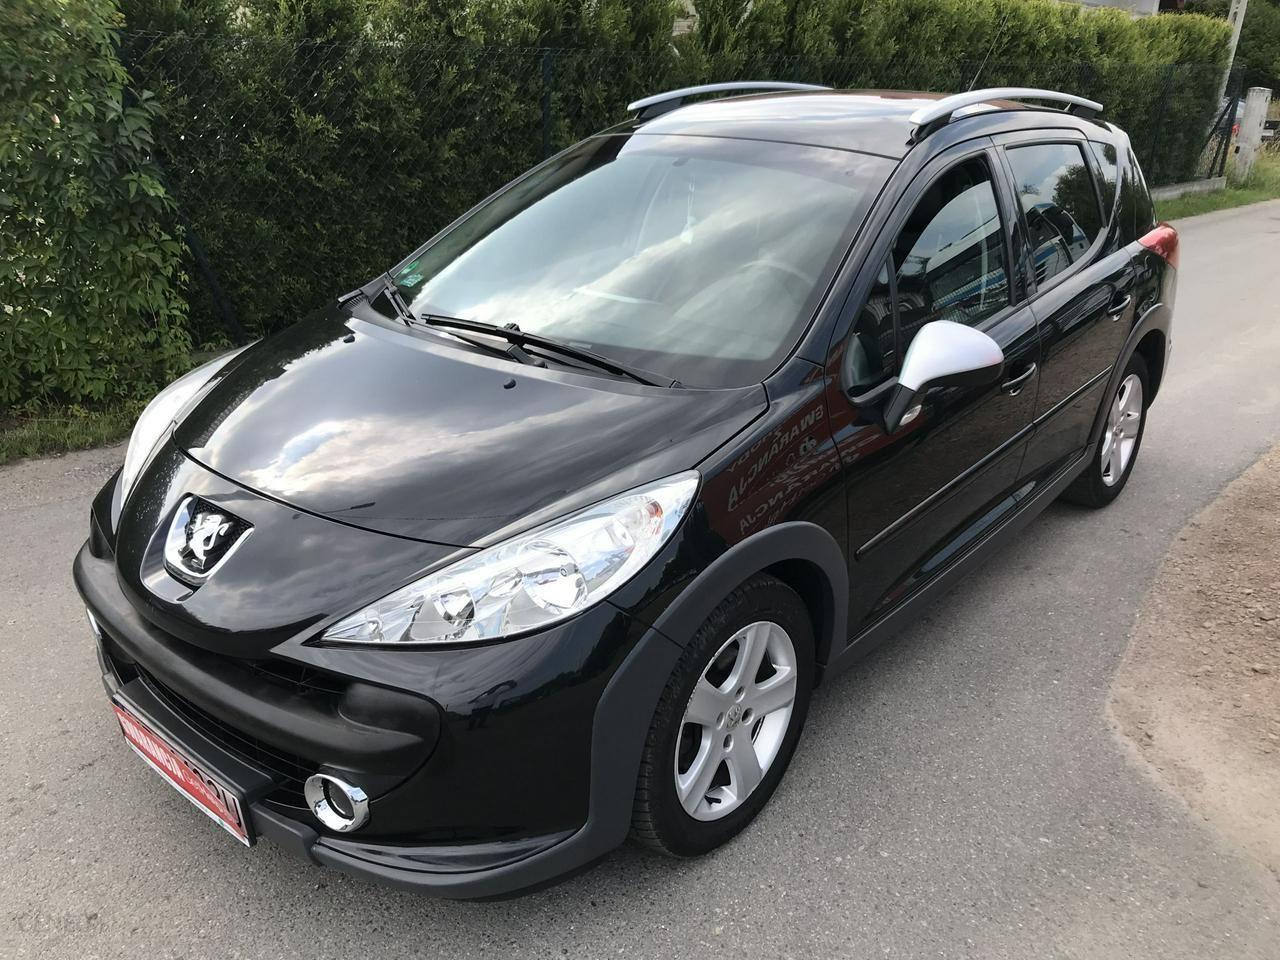 Peugeot 207 2008 110km Kombi Czarny Opinie I Ceny Na Ceneo Pl